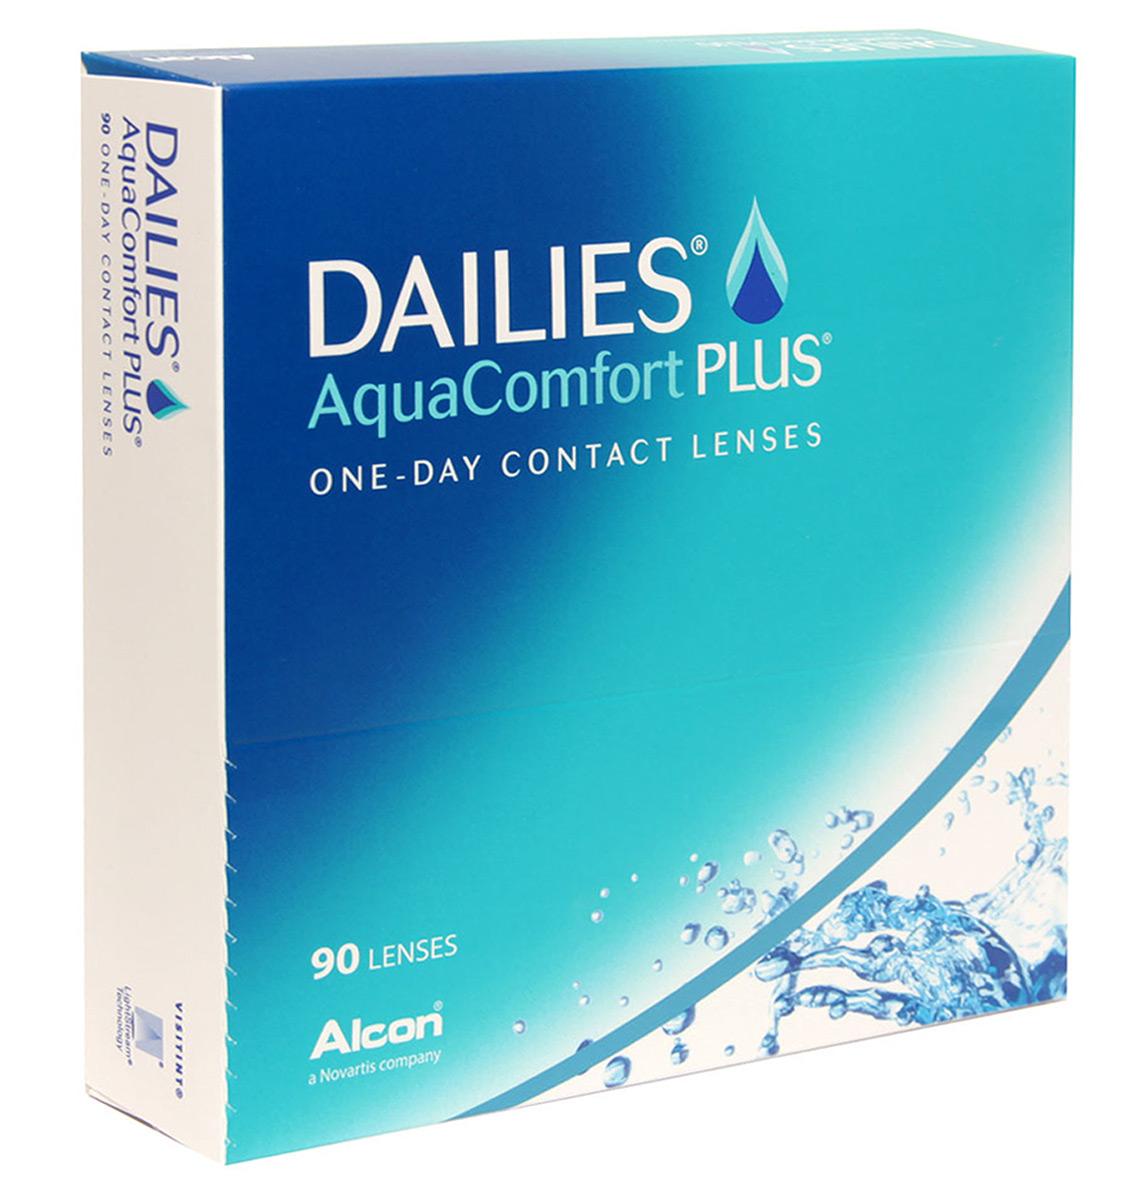 Alcon-CIBA Vision контактные линзы Dailies AquaComfort Plus (90шт / 8.7 / 14.0 / -4.75)38383Dailies AquaComfort Plus - это одни из самых популярных однодневных линз производства компании Ciba Vision. Эти линзы пользуются огромной популярностью во всем мире и являются на сегодняшний день самыми безопасными контактными линзами. Изготавливаются линзы из современного, 100% безопасного материала нелфилкон А. Особенность этого материала в том, что он легко пропускает воздух и хорошо сохраняет влагу. Однодневные контактные линзы Dailies AquaComfort Plus не нуждаются в дополнительном уходе и затратах, каждый день вы надеваете свежую пару линз. Дизайн линзы биосовместимый, что гарантирует безупречный комфорт. Самое главное достоинство Dailies AquaComfort Plus - это их уникальная система увлажнения. Благодаря этой разработке линзы увлажняются тремя различными агентами. Первый компонент, ухаживающий за линзами, находится в растворе, он как бы обволакивает линзу, обеспечивая чрезвычайно комфортное надевание. Второй агент выделяется на протяжении всего дня, он...